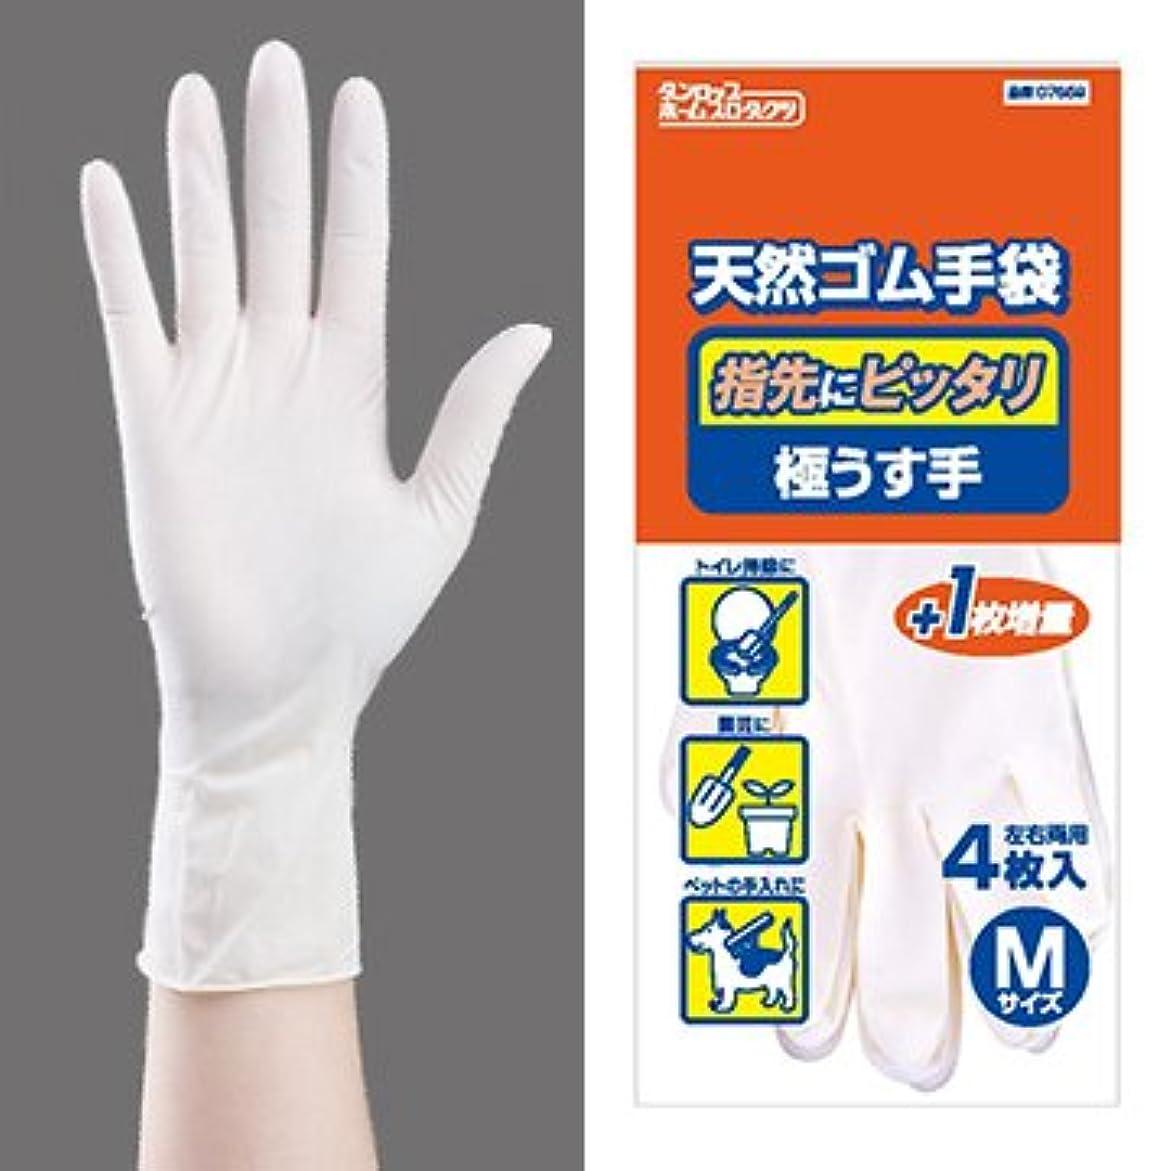 はがき安いです警察署天然ゴム極うす手袋 4枚+1枚入